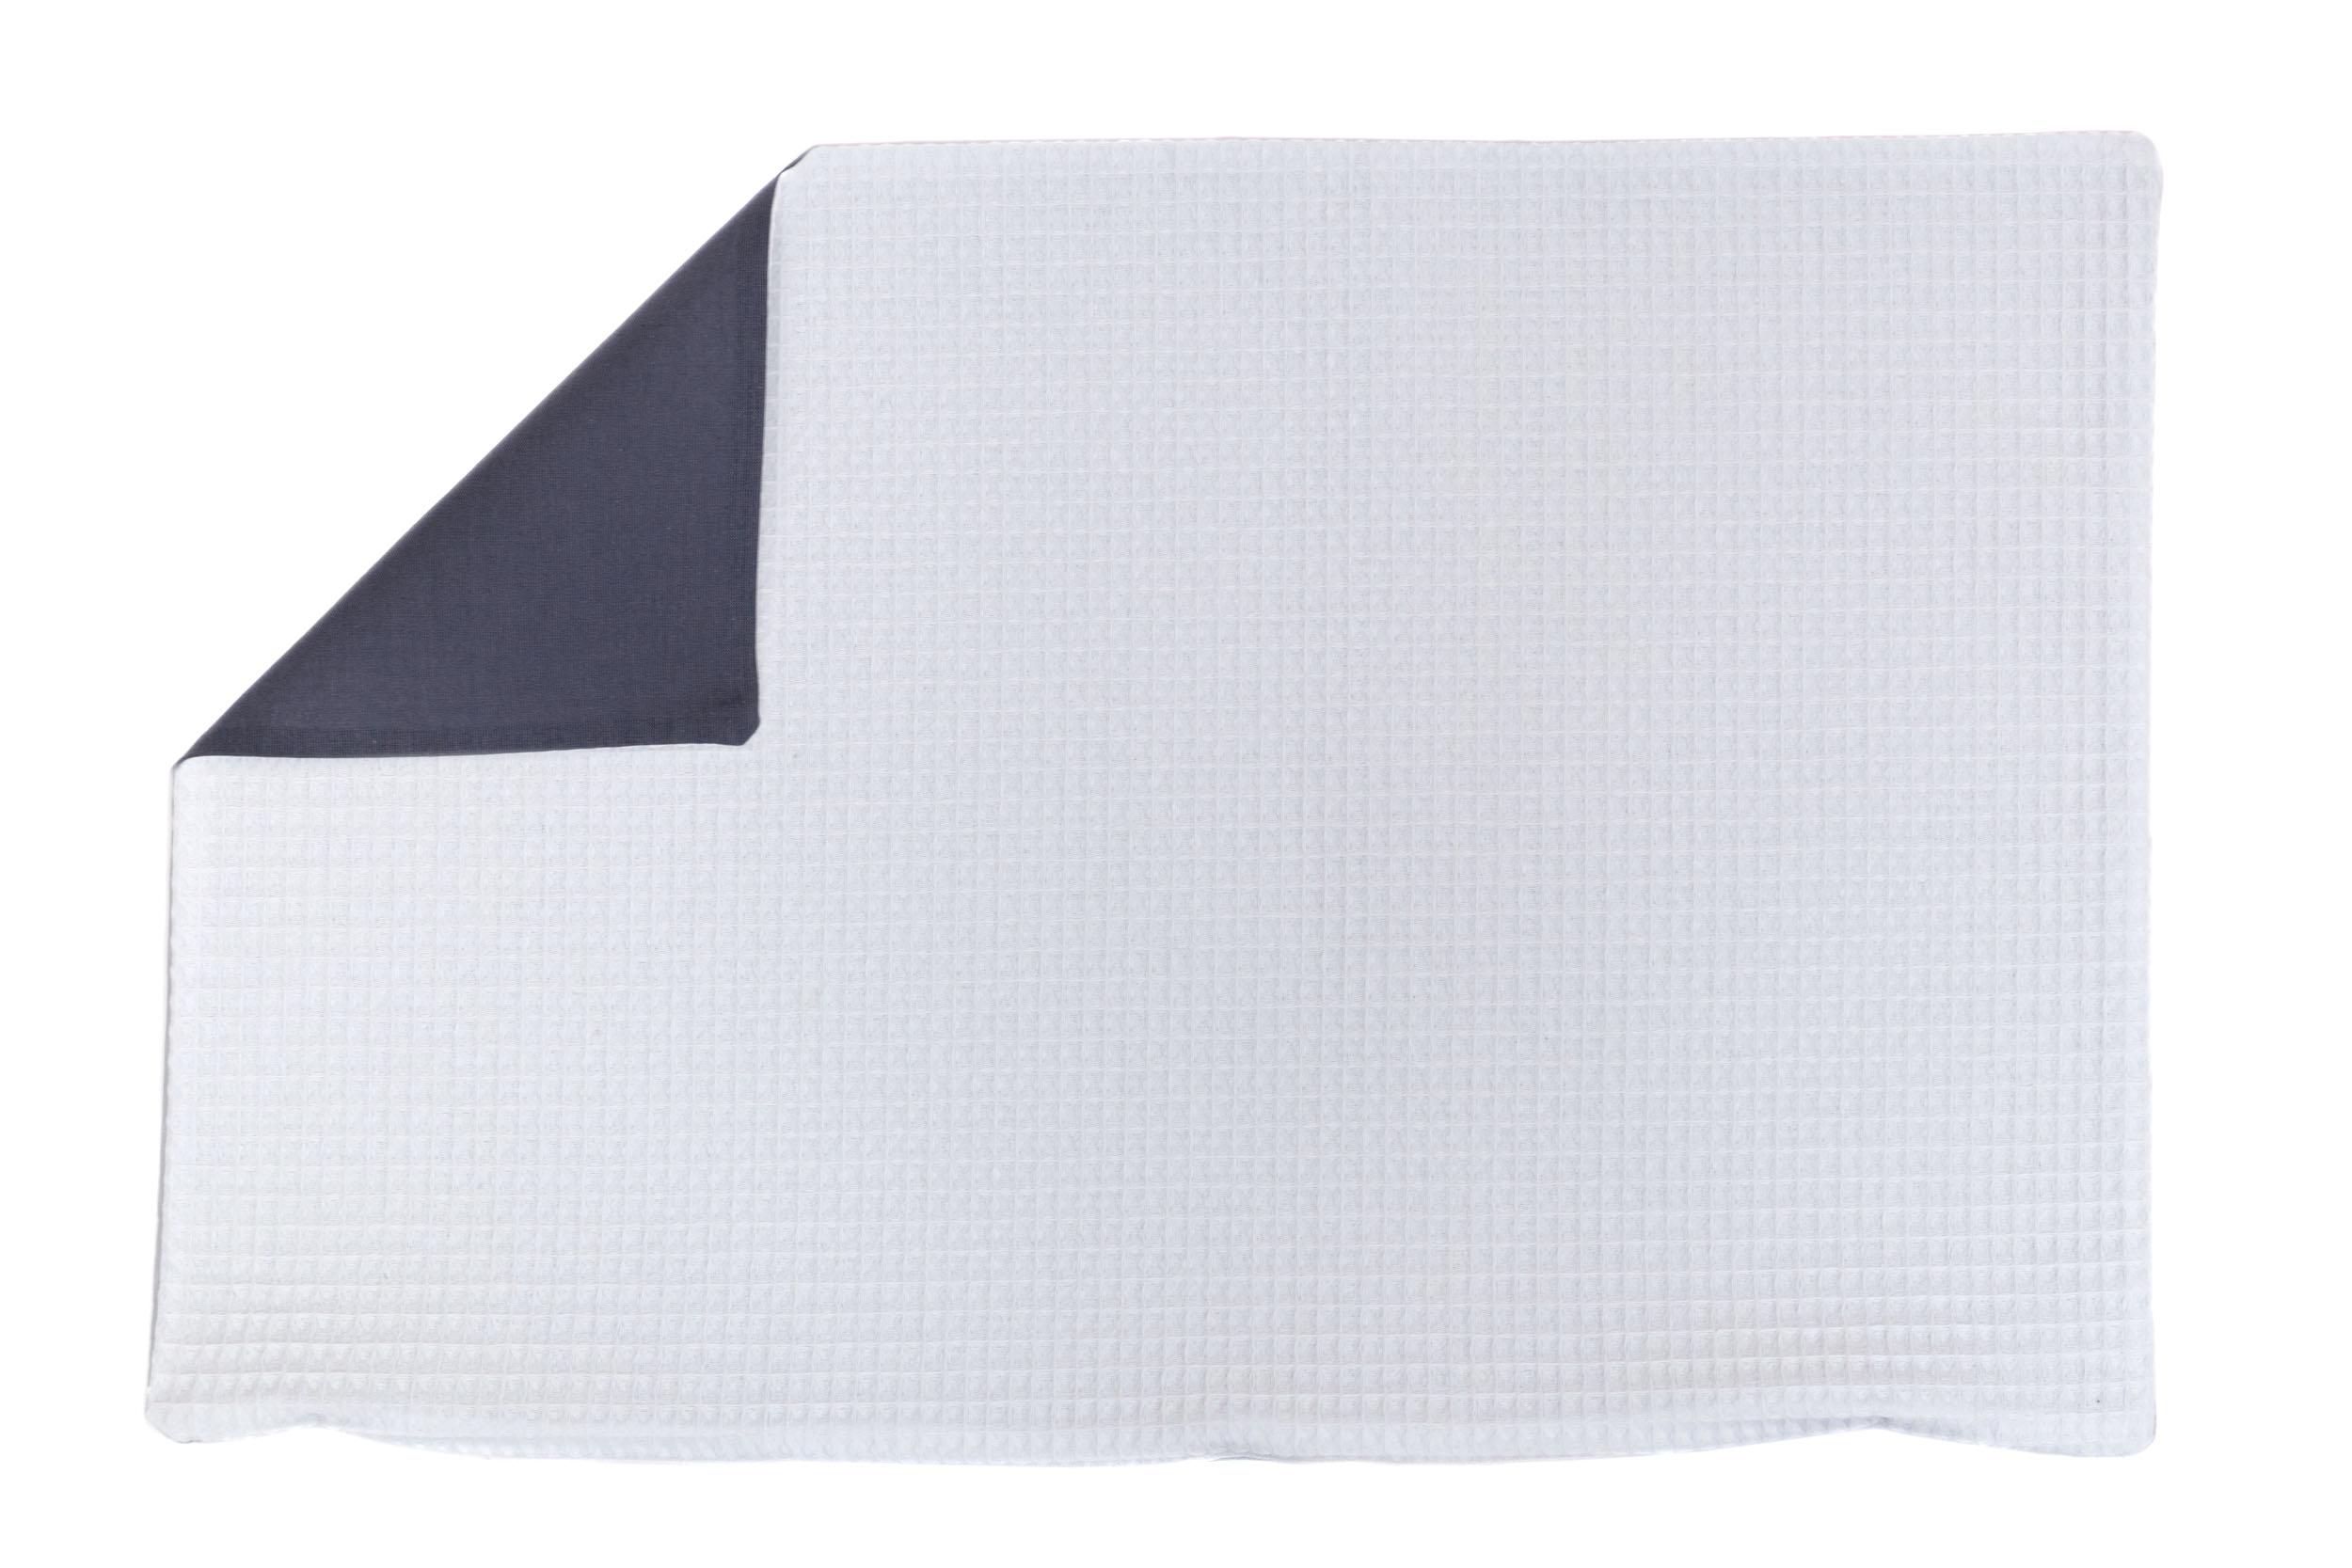 Kissenhülle Zierkissenbezug Kissenbezug ca. 60x40 cm für Kissen oder Dekokissen Weiß Anthrazit